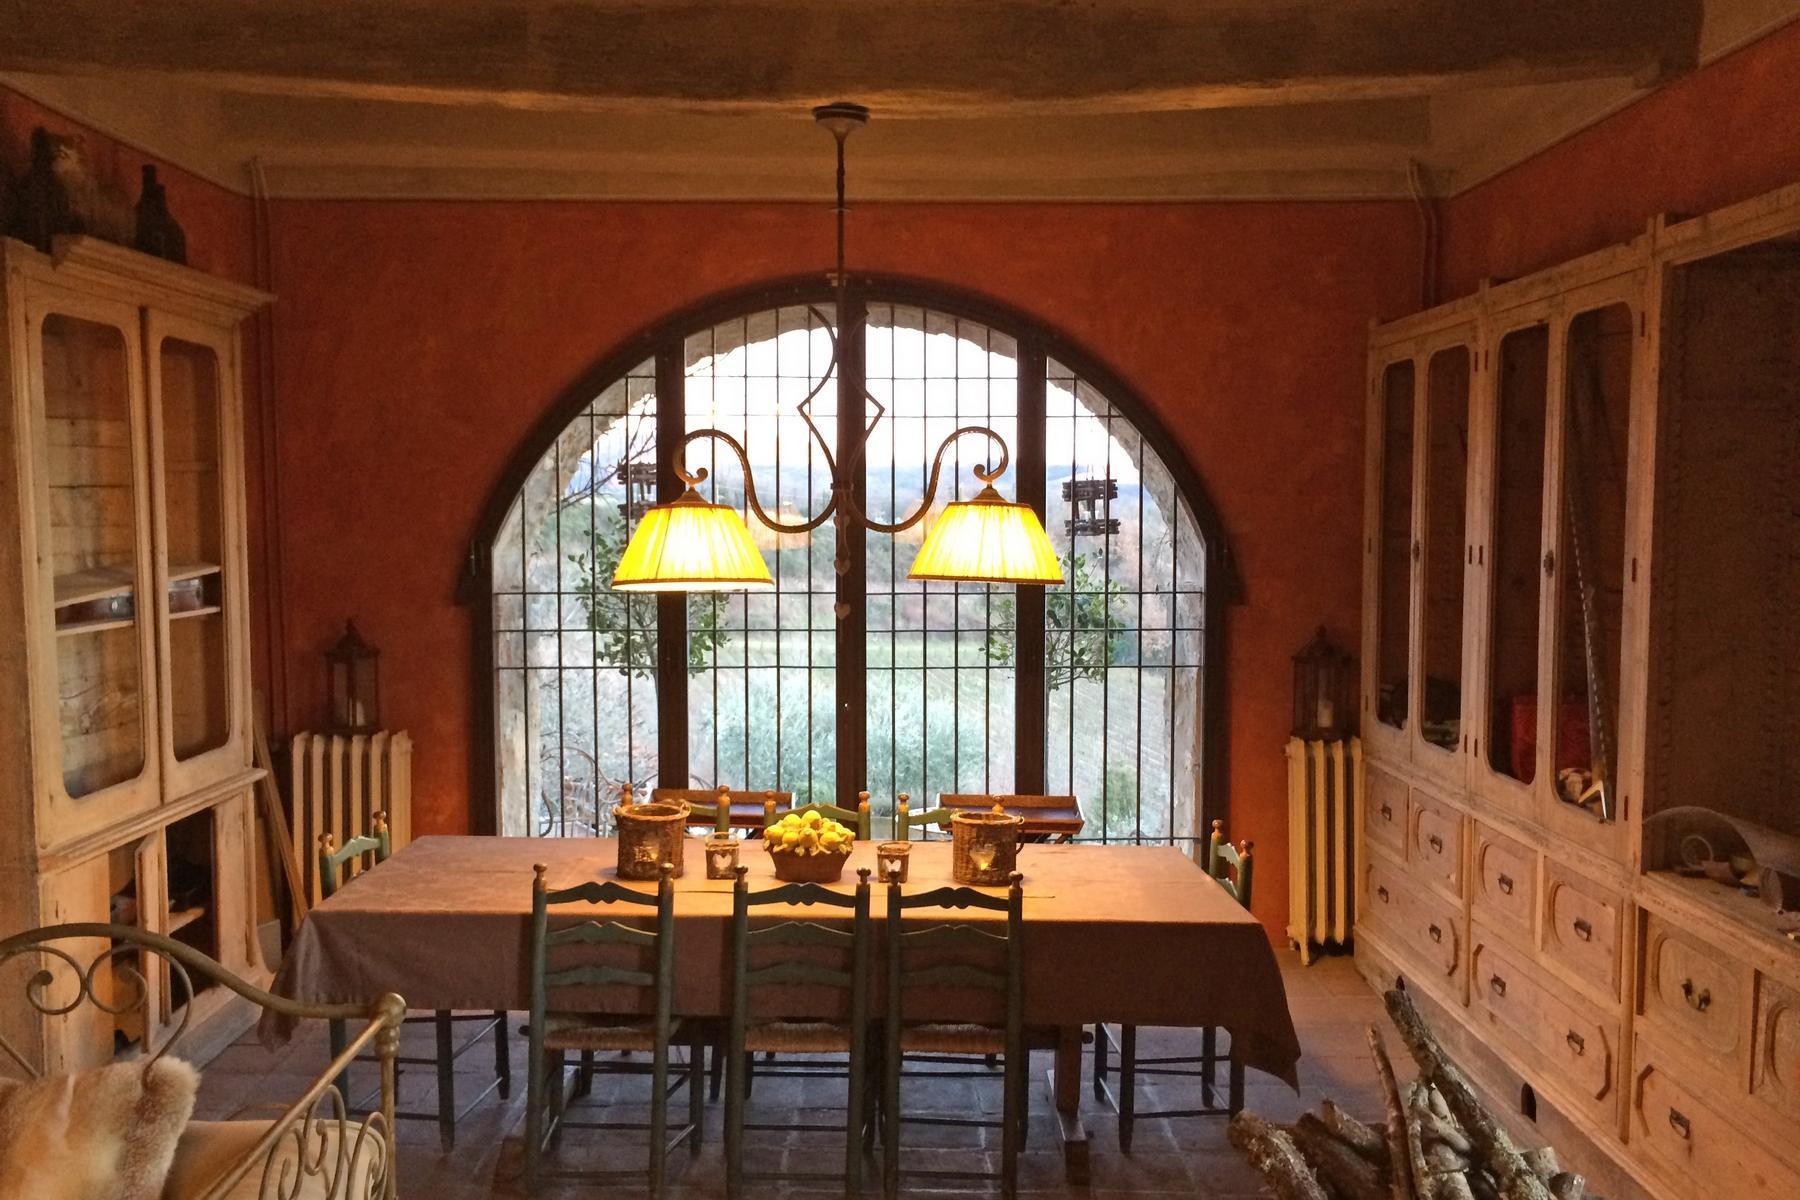 坐落于Chianti地区的绝美的农舍,且享有壮丽的景色和游泳池 - 7